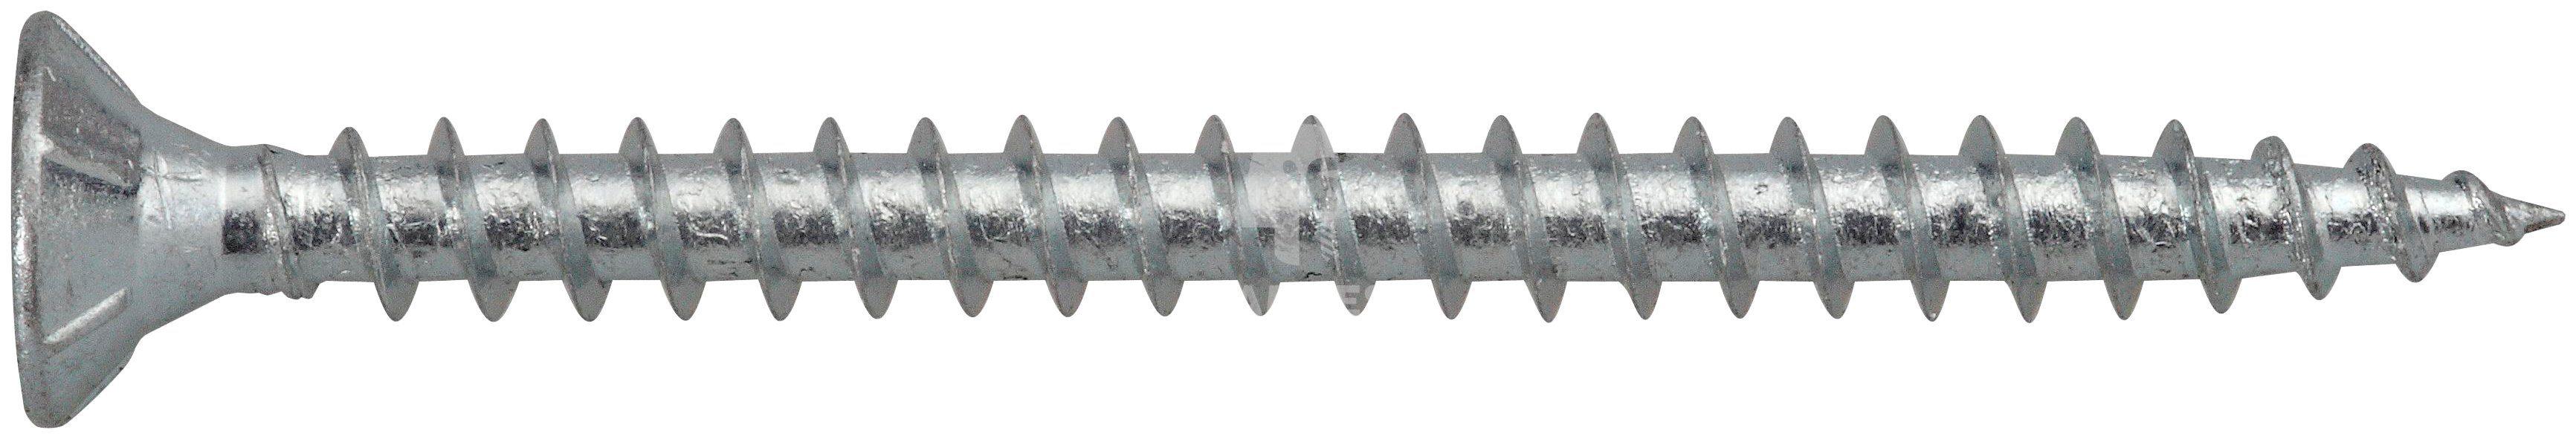 RAMSES Schrauben , Spanplattenschraube 4,5 x 35 mm 200 Stk.